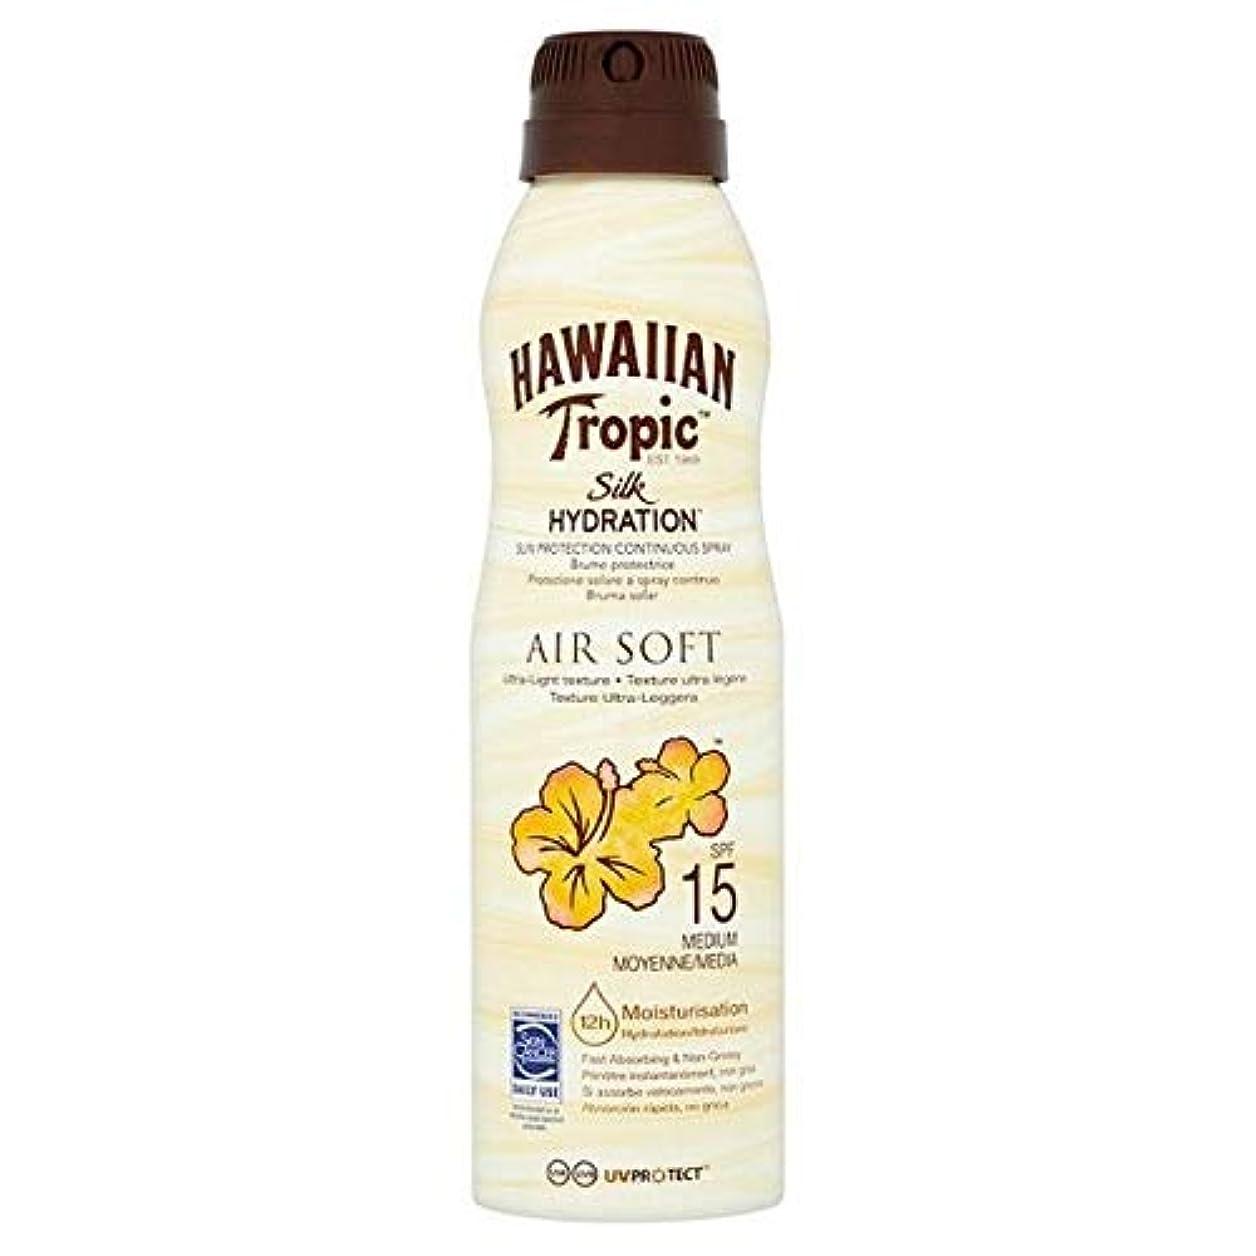 米国小康補正[Hawaiian Tropic ] H /向性絹水和エアガン連続スプレーSpf15の177ミリリットル - H/Tropic Silk Hydration Airsoft Continuous Spray SPF15...